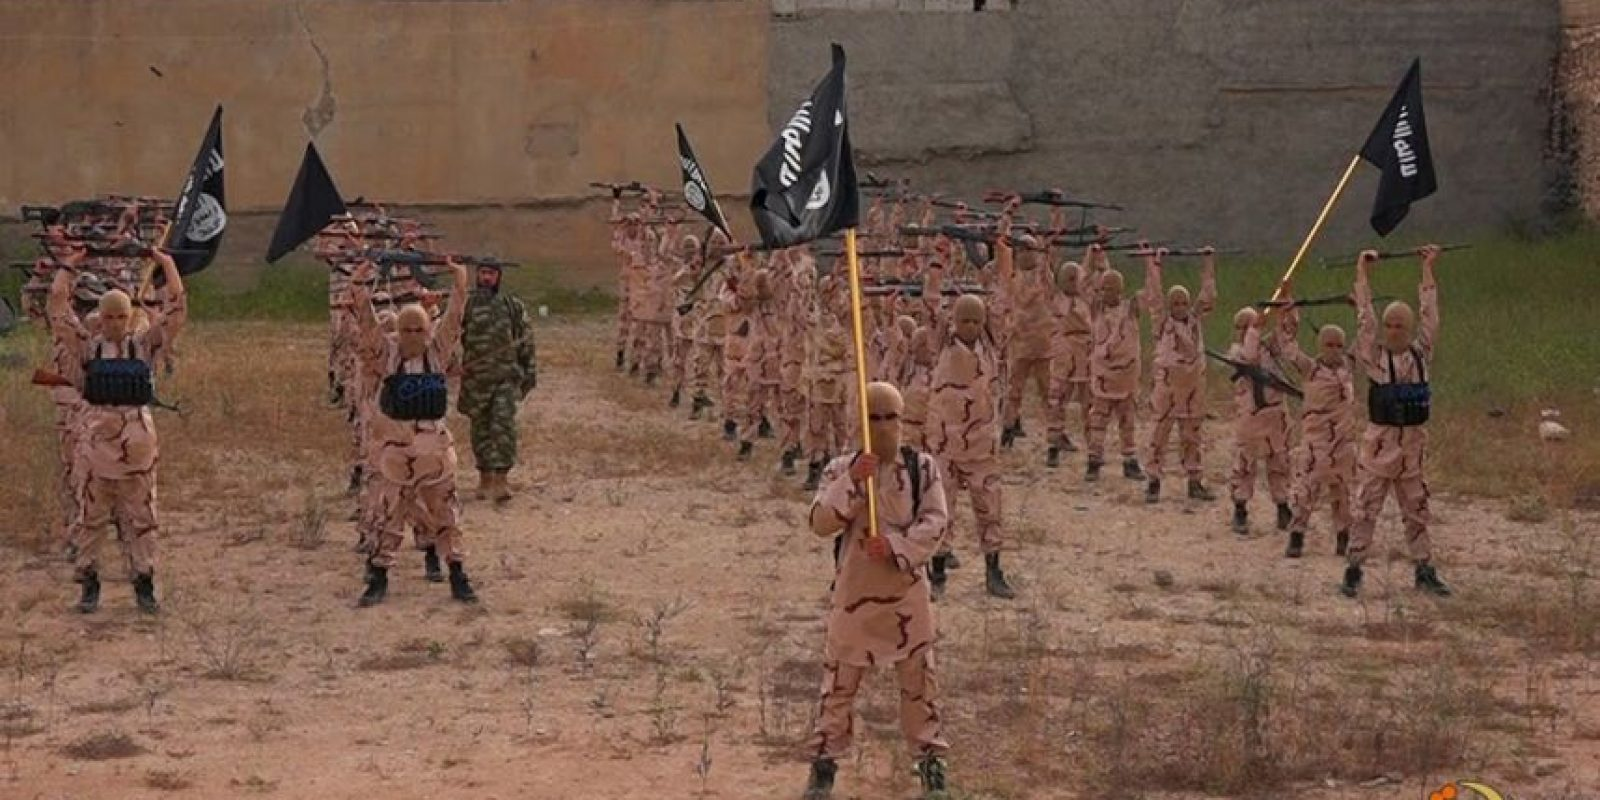 8. Un informe del Observatorio Sirio para Derechos Humanos ha revelado que en lo que va de 2015 un total de 52 niños soldados reclutados por Estado Islámico han fallecido. Foto:AP